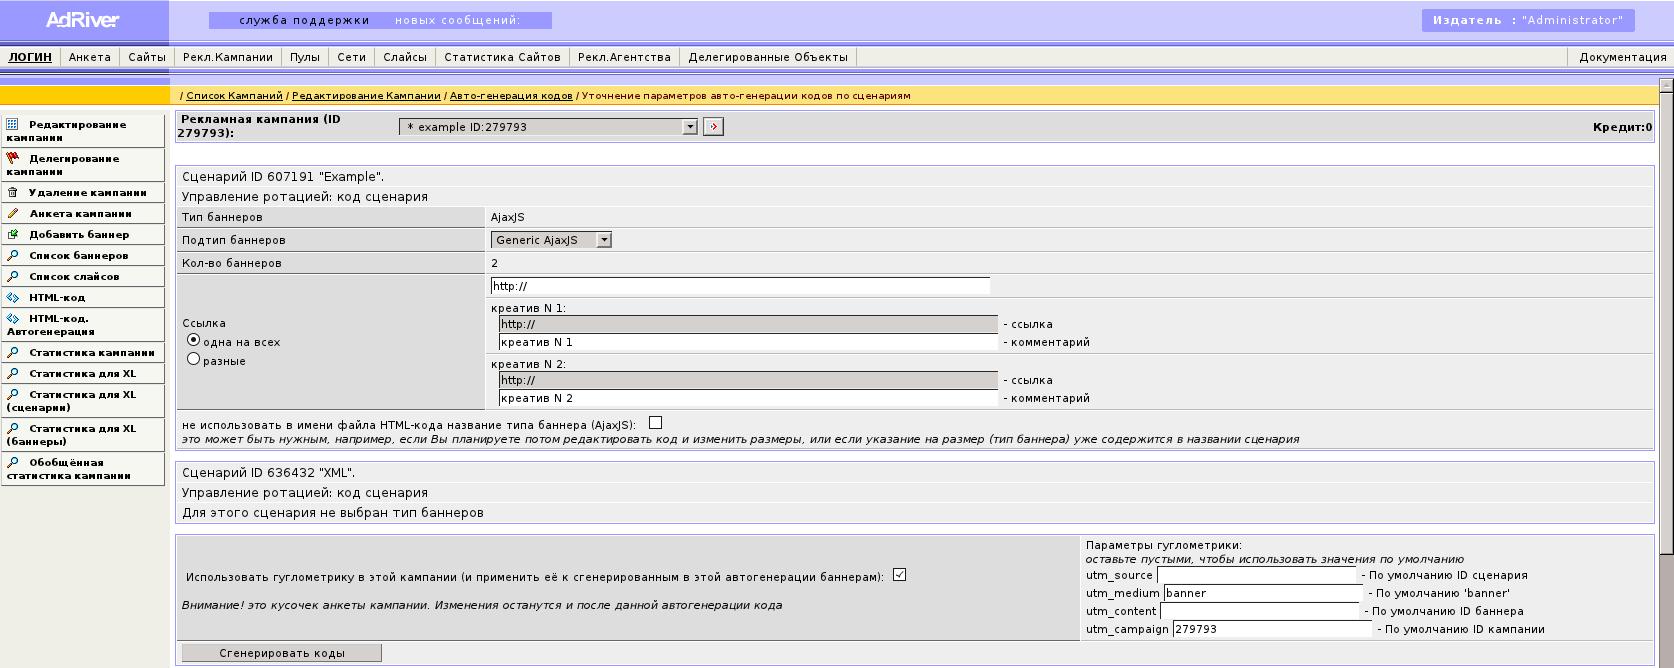 Страница уточнения параметров автогенерации.